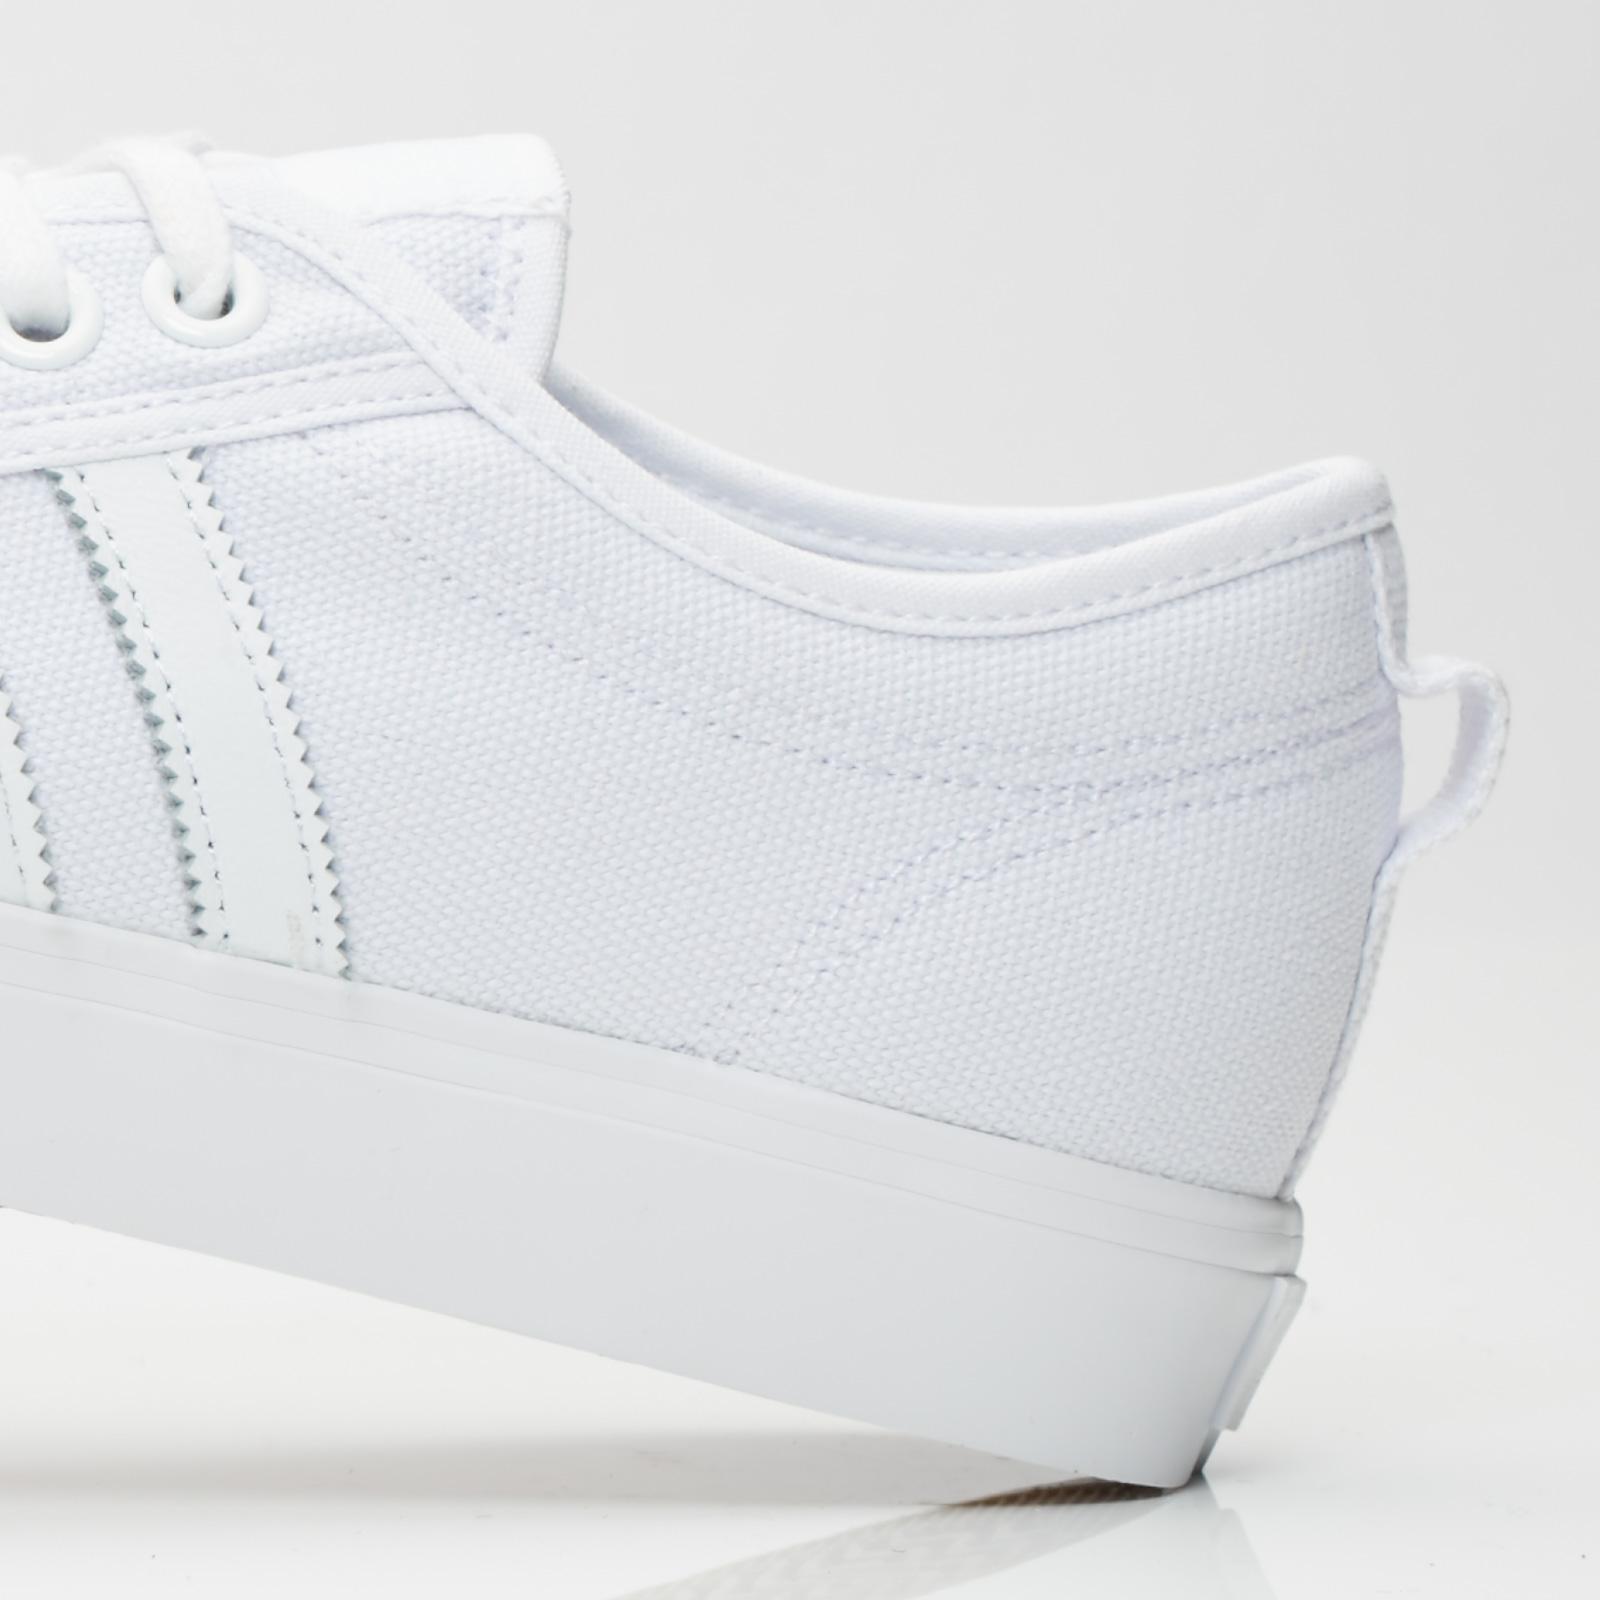 Adidas Nizza Low Shoes Unisex White Originals BZ0496